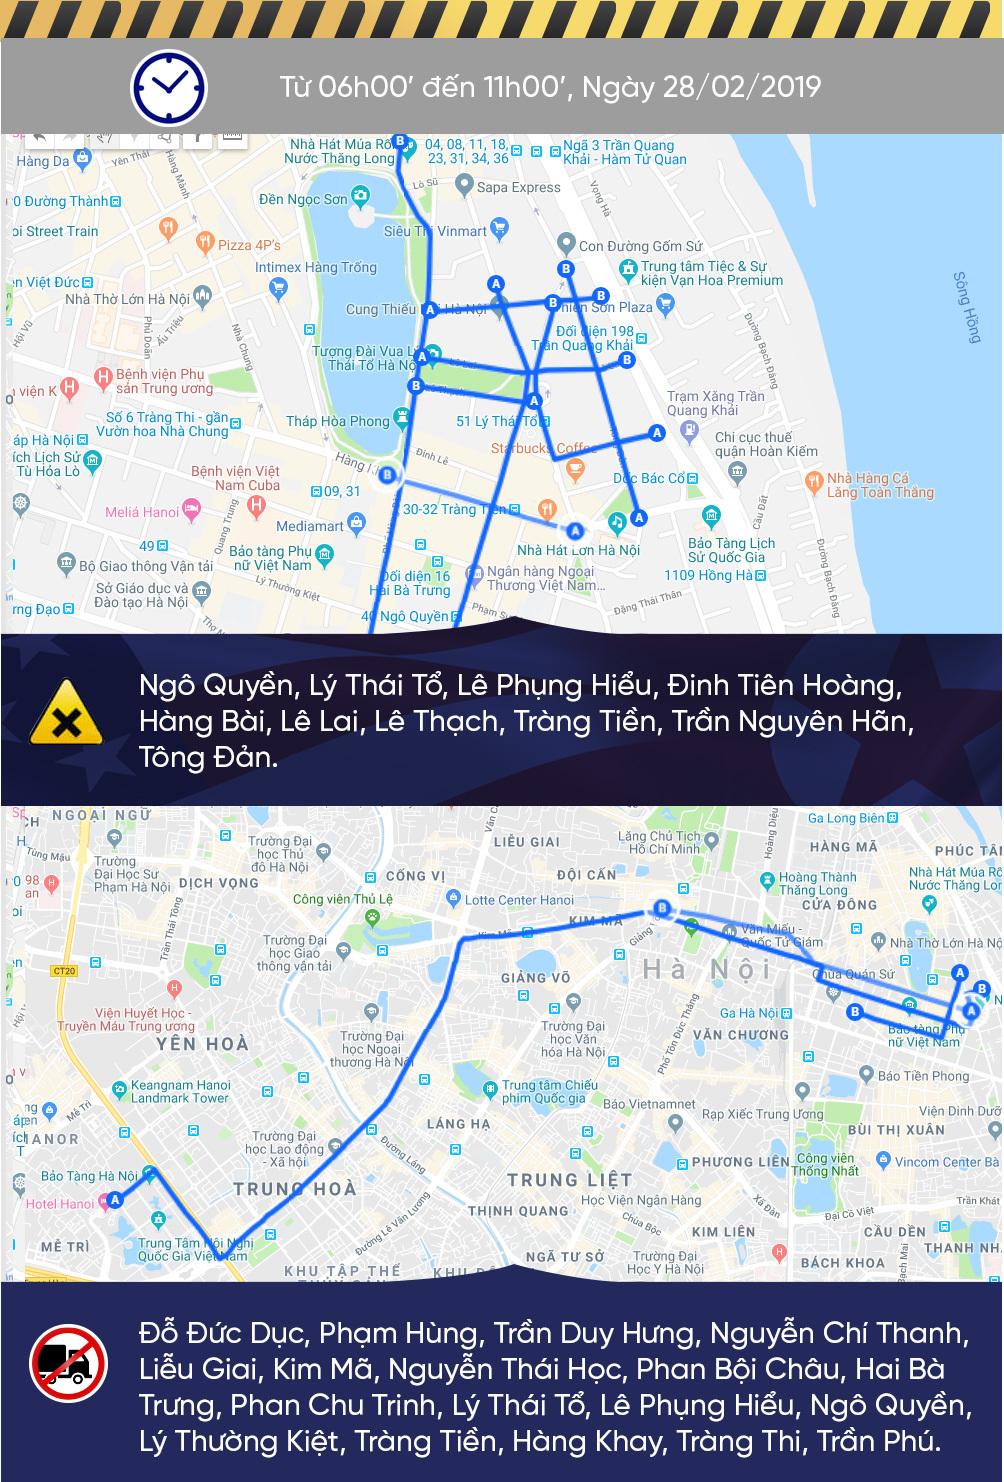 Sơ đồ cấm đường Hà Nội phục vụ Thượng đỉnh Mỹ - Triều-3